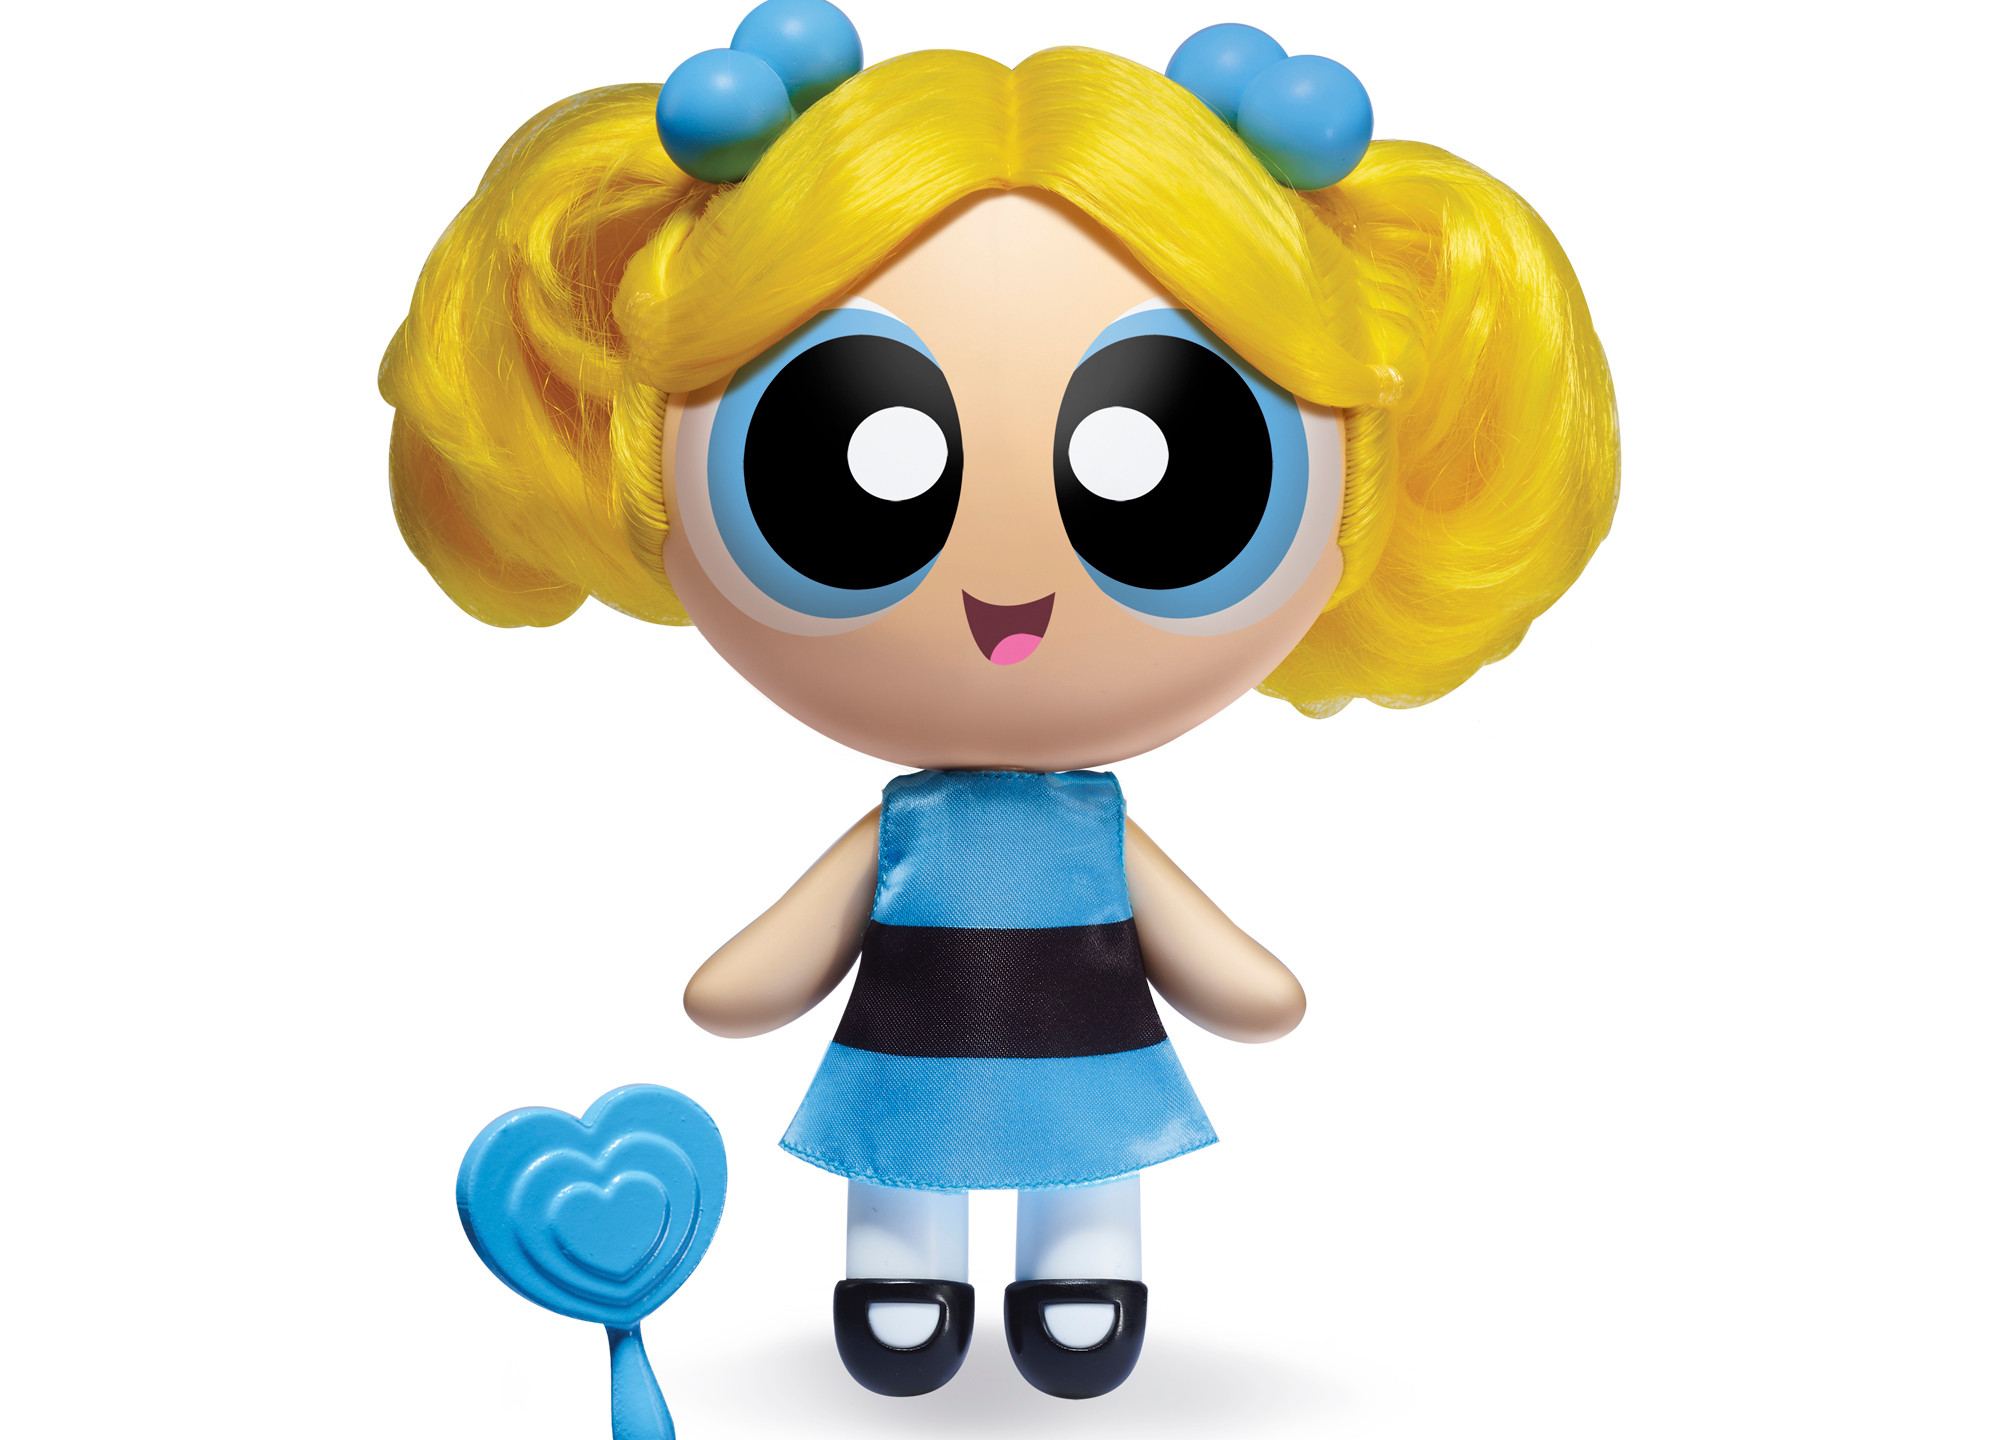 778988230527-6028029_Powerpuff-Girls_6-inch-Deluxe-Doll-Asst-Burbuja